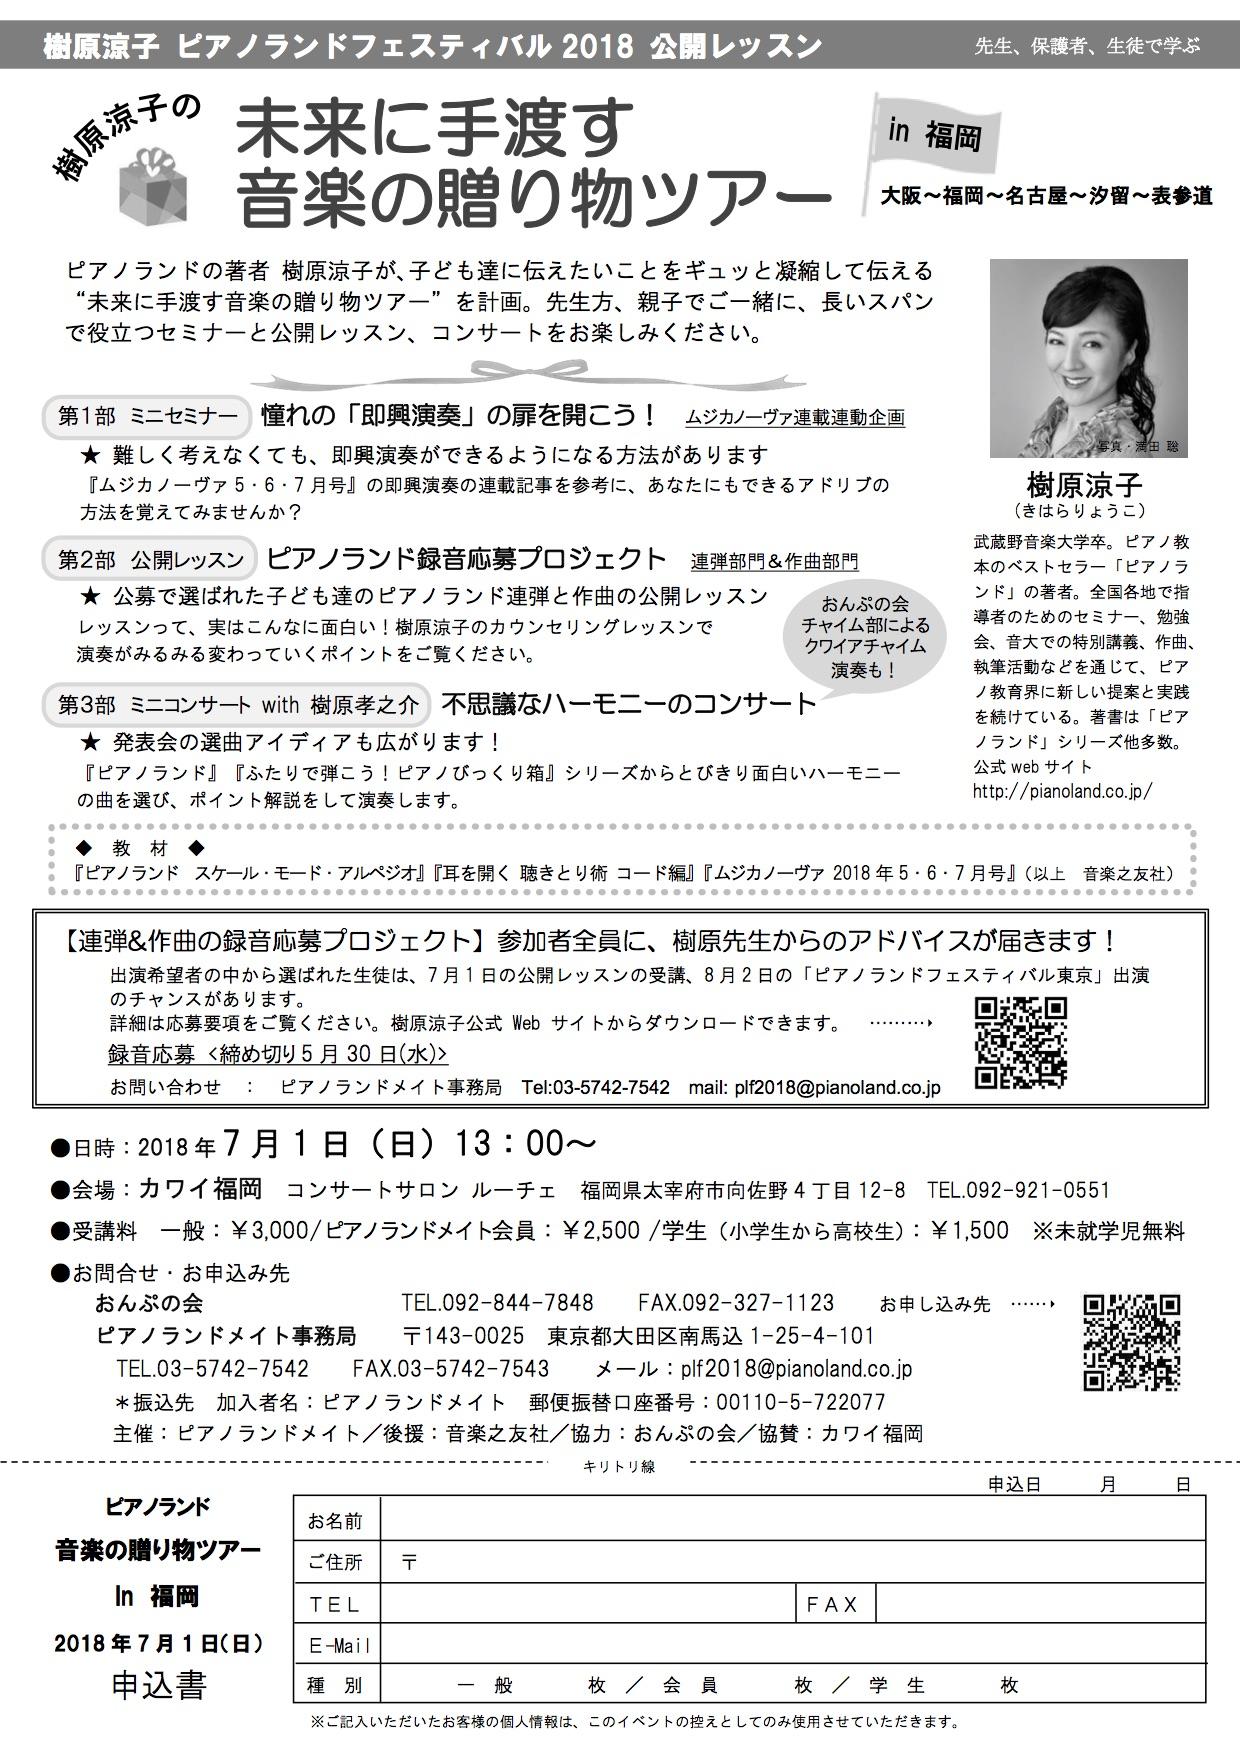 樹原涼子の 未来に手渡す音楽の贈り物ツアー in 福岡